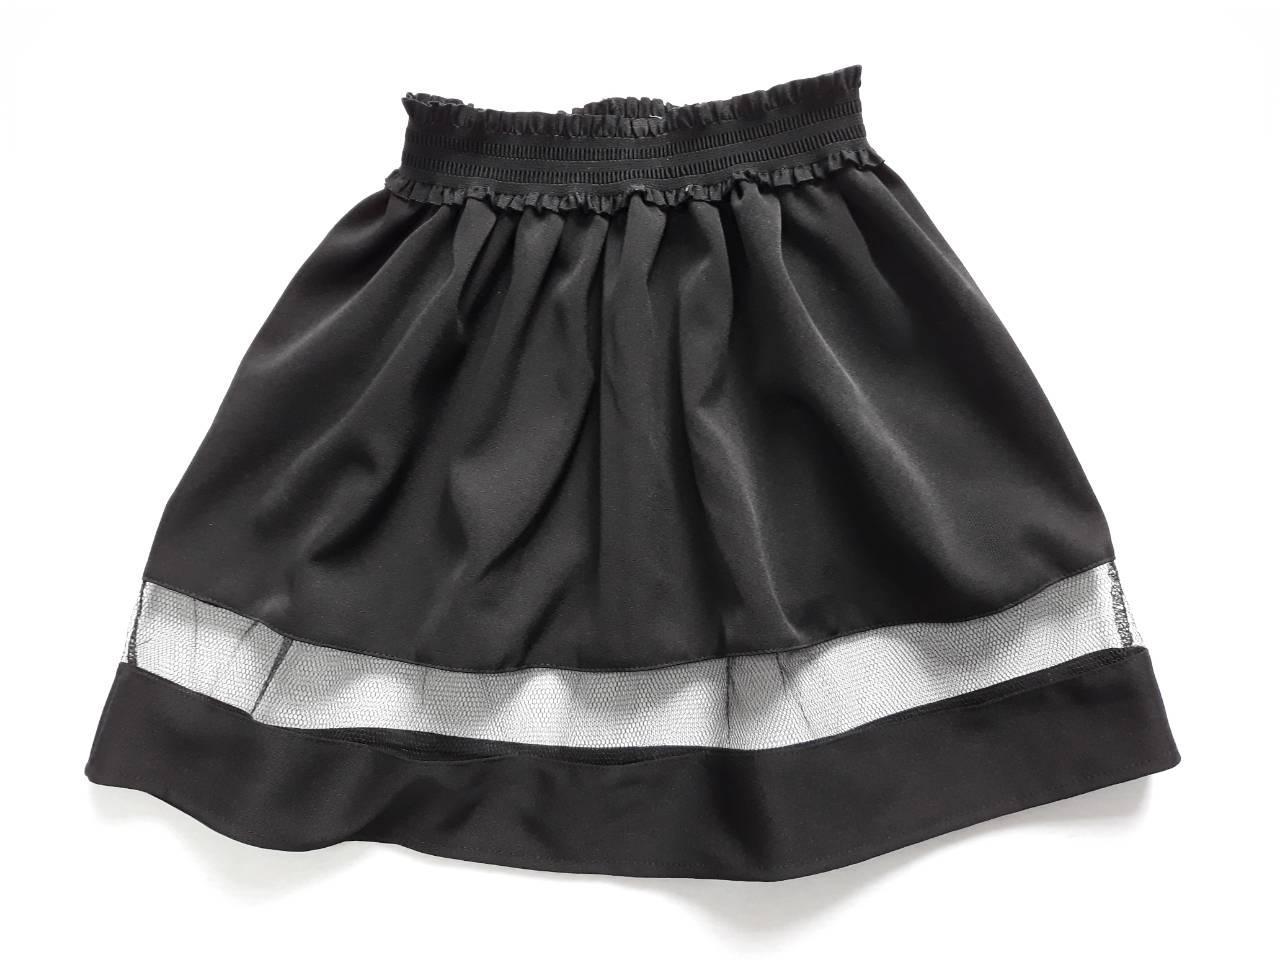 Черная школьная юбка для девочки со вставкой из сетки 34-38 р